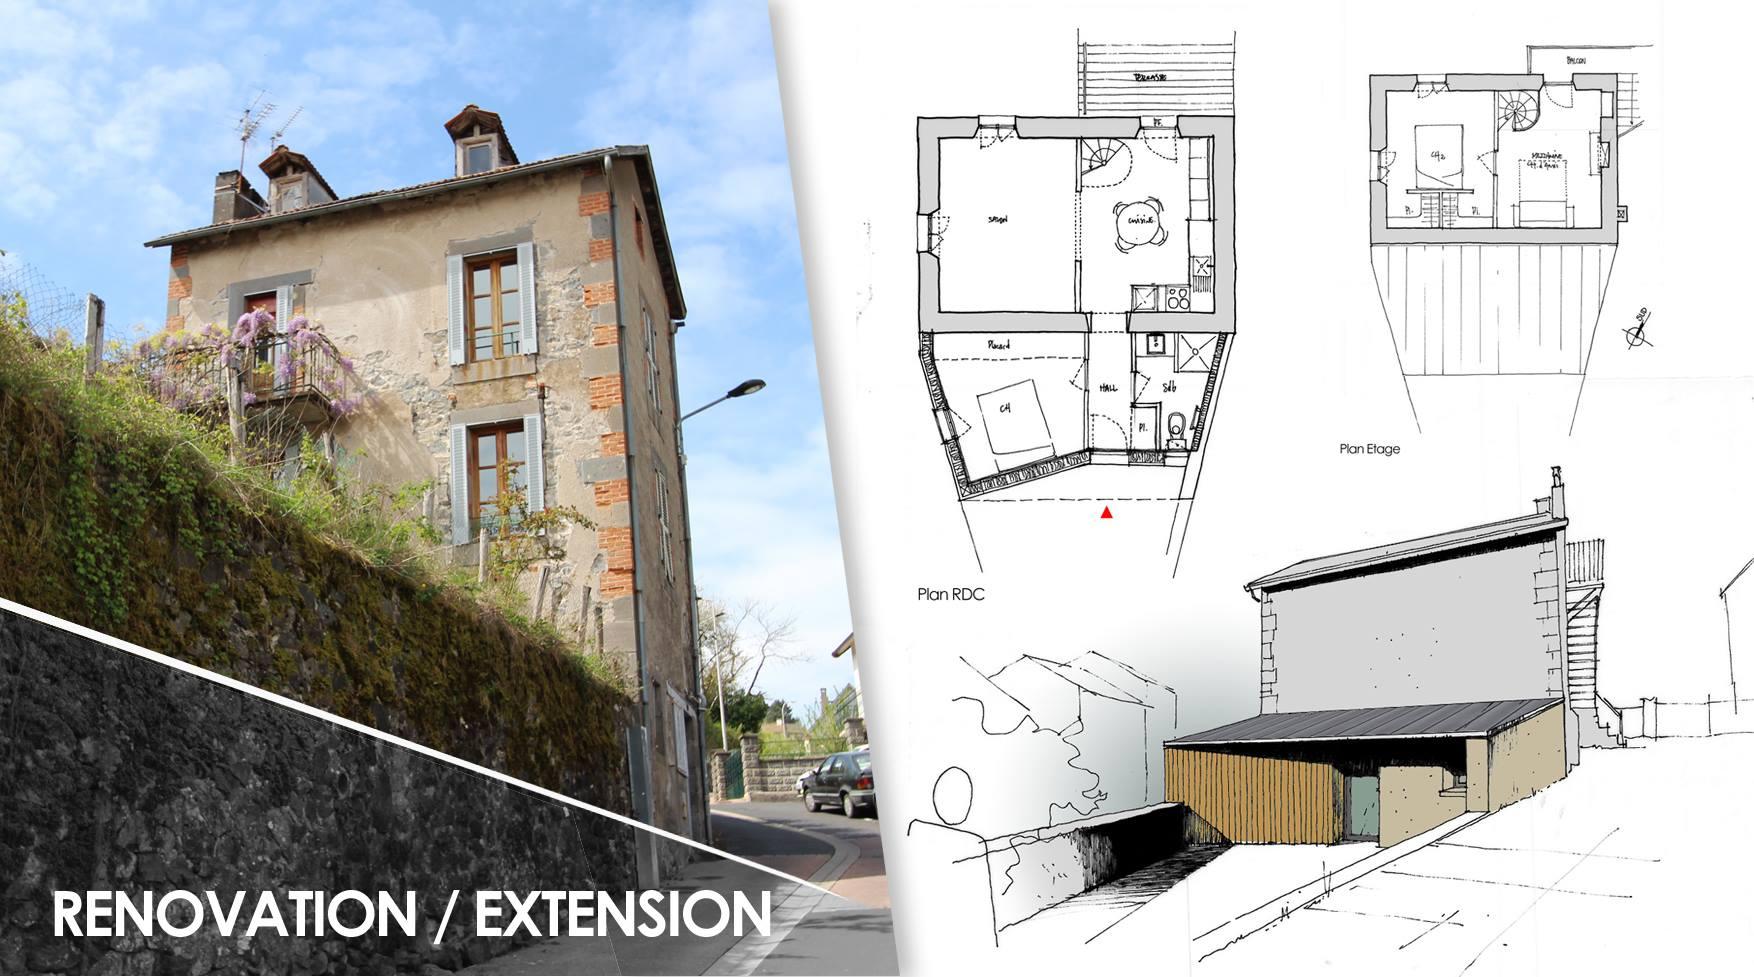 R novation et extension d 39 une maison de ville aurillac par r novert by - Renovation d une maison de ville ...